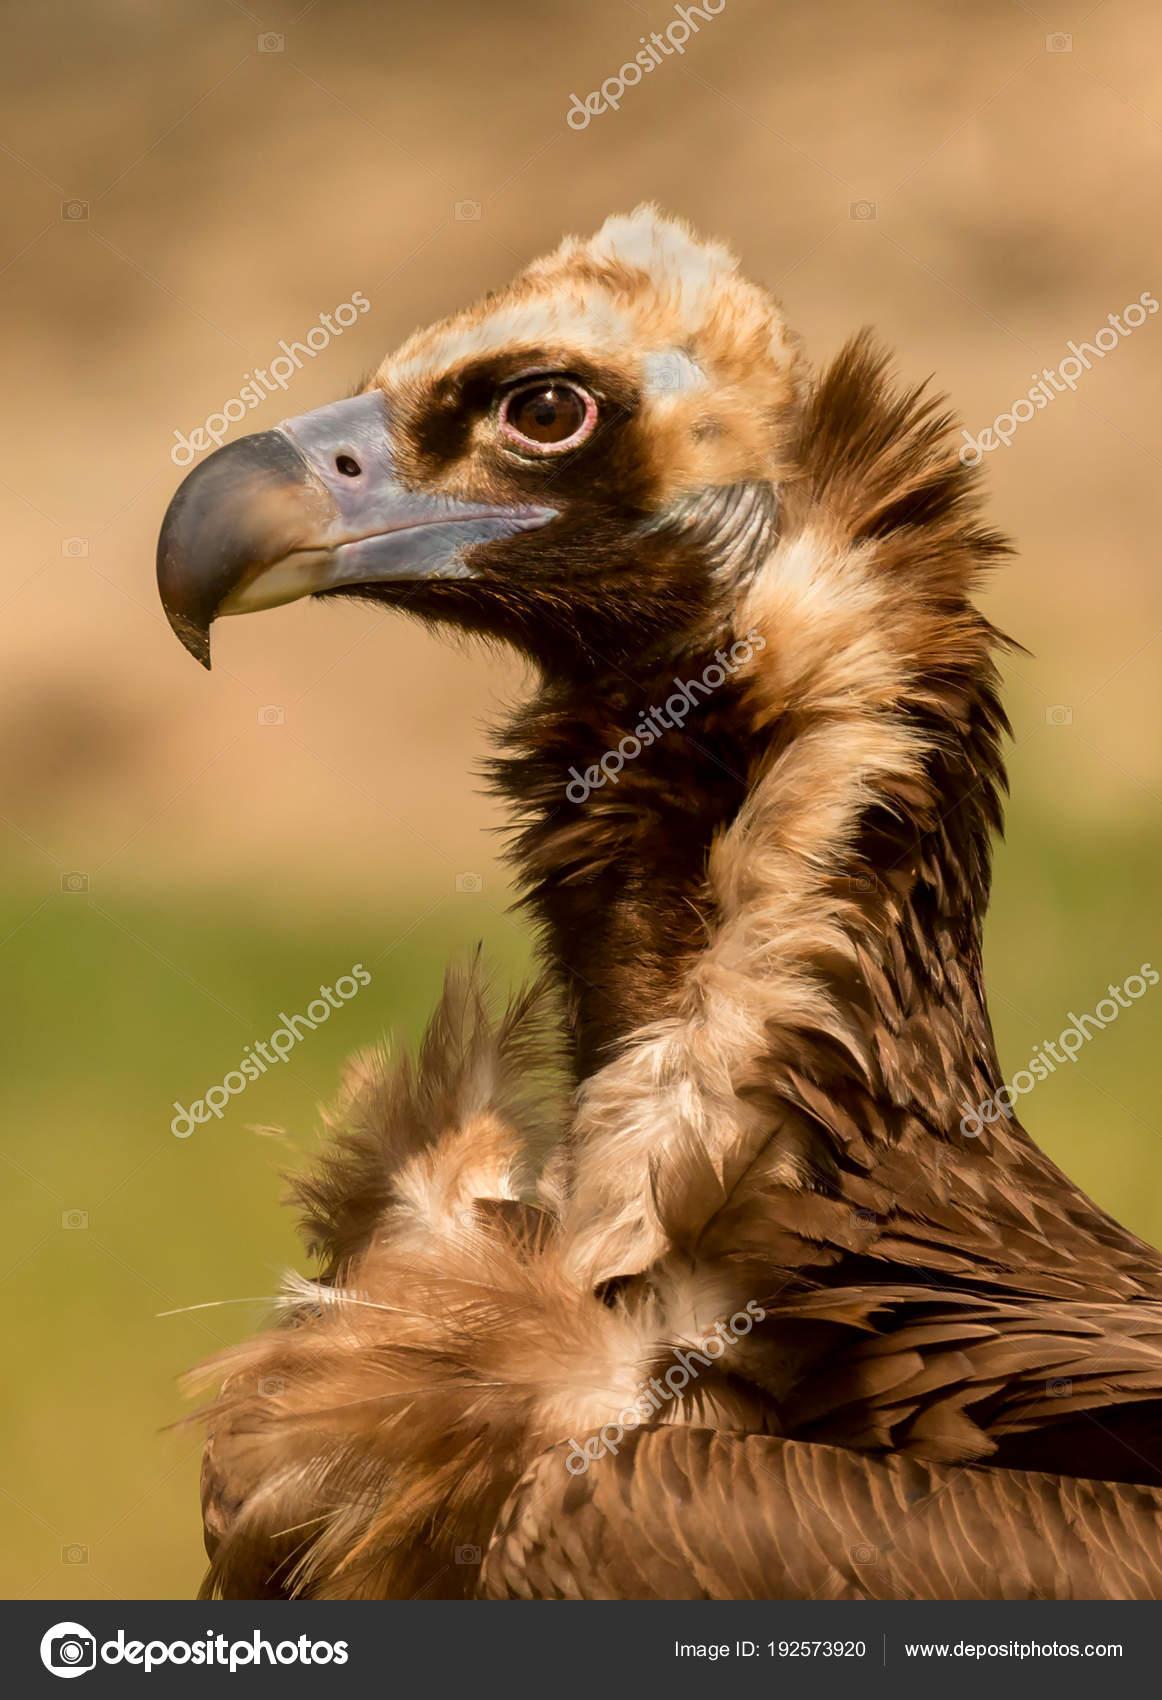 Μεγάλο μαύρο πουλί μεγάλο μαύρο λεία